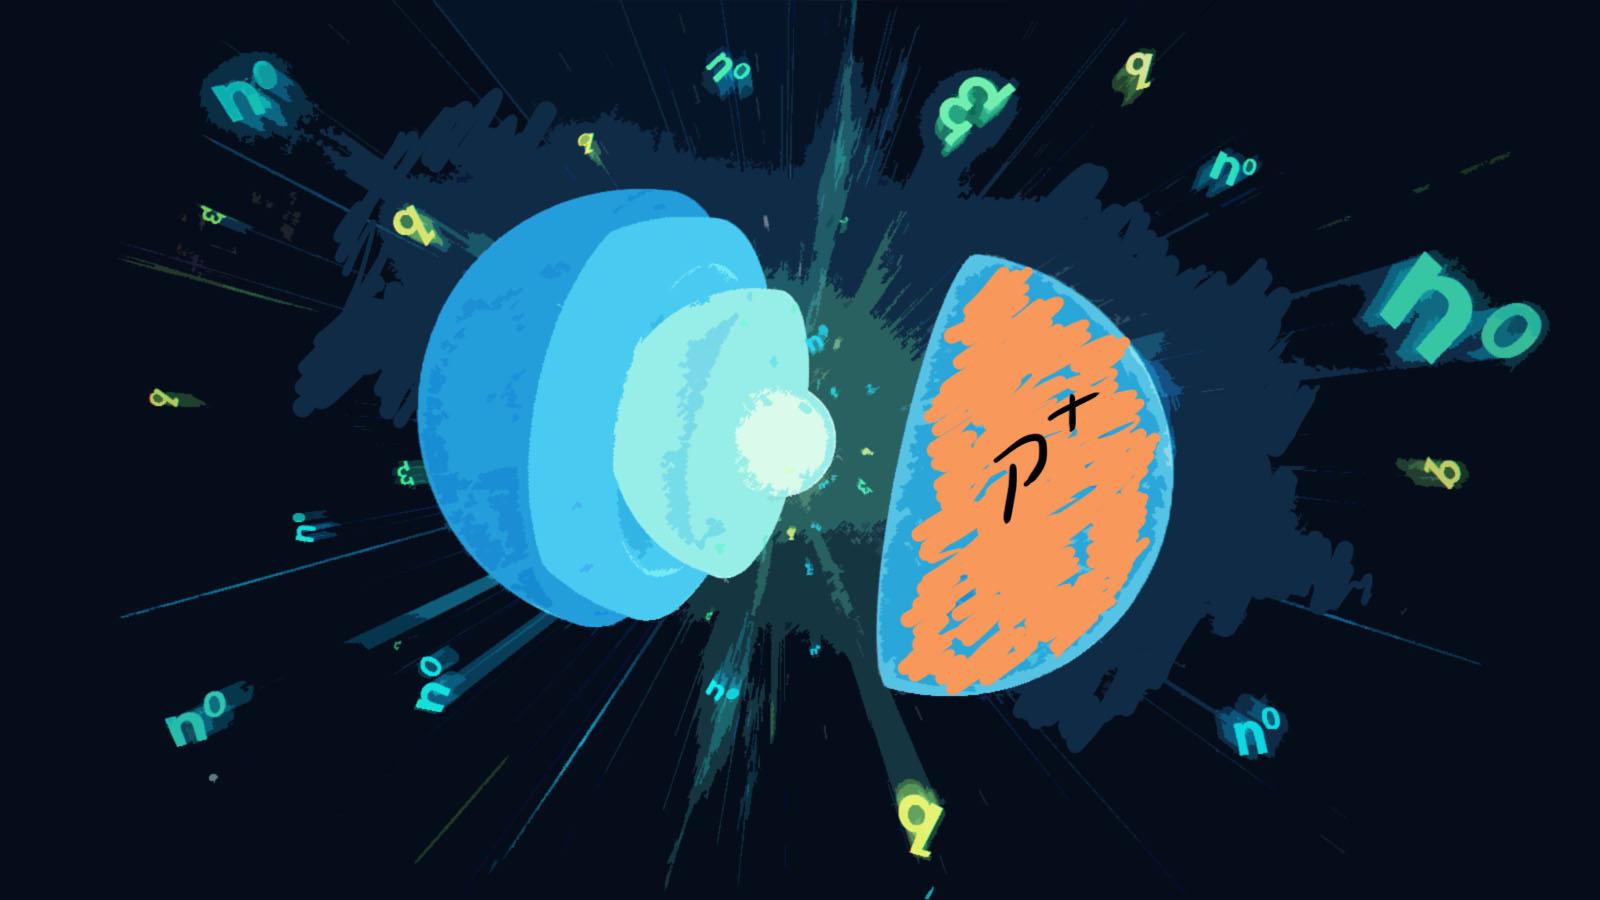 gwiazdka protonowa